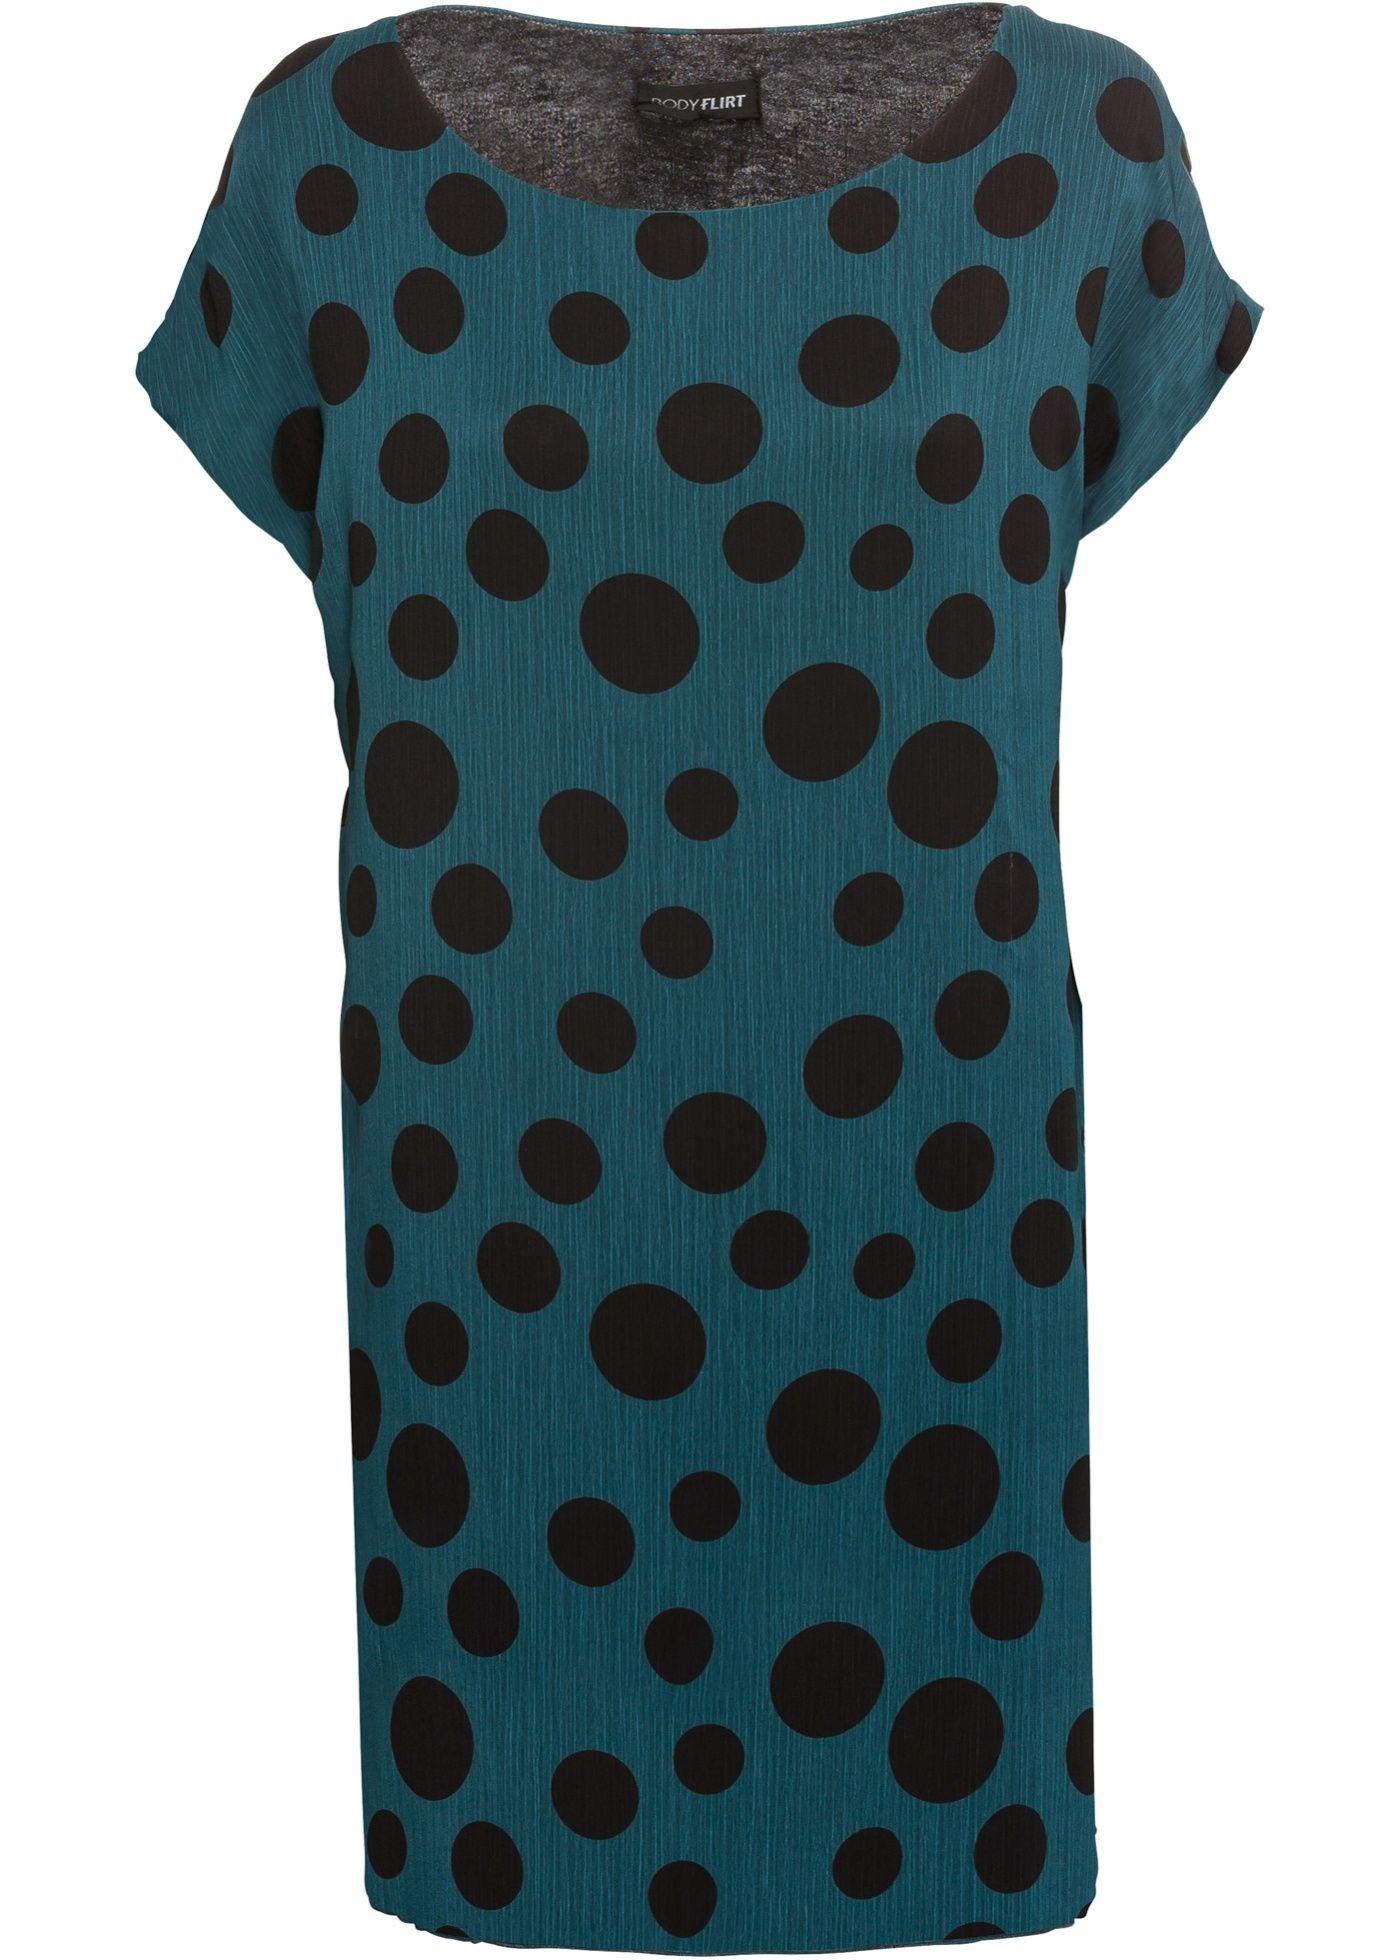 kleid mit punkten | kleid punkte, kleider, neues kleid